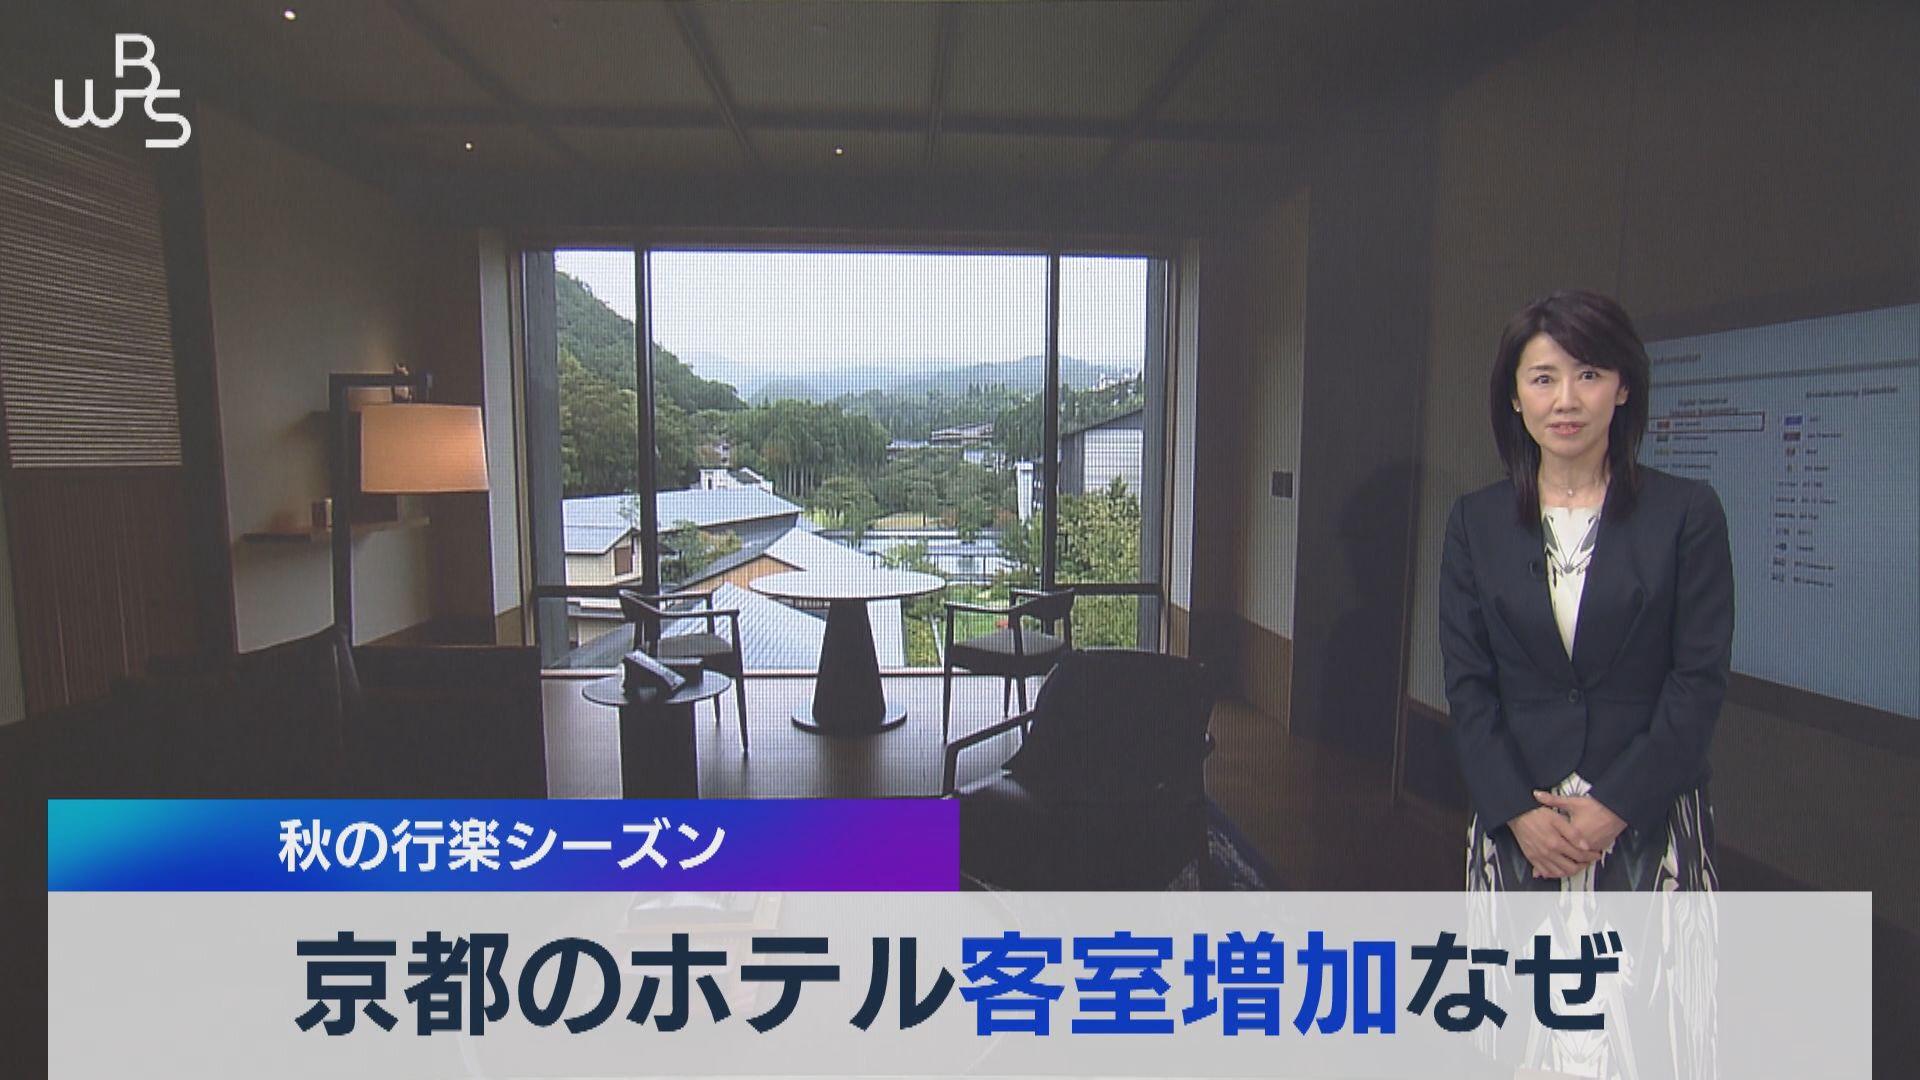 ワールドビジネスサテライト 9月16日放送 1泊11万円からホテル開業京都で客室数なぜ増加▽北朝鮮列車ミサイル